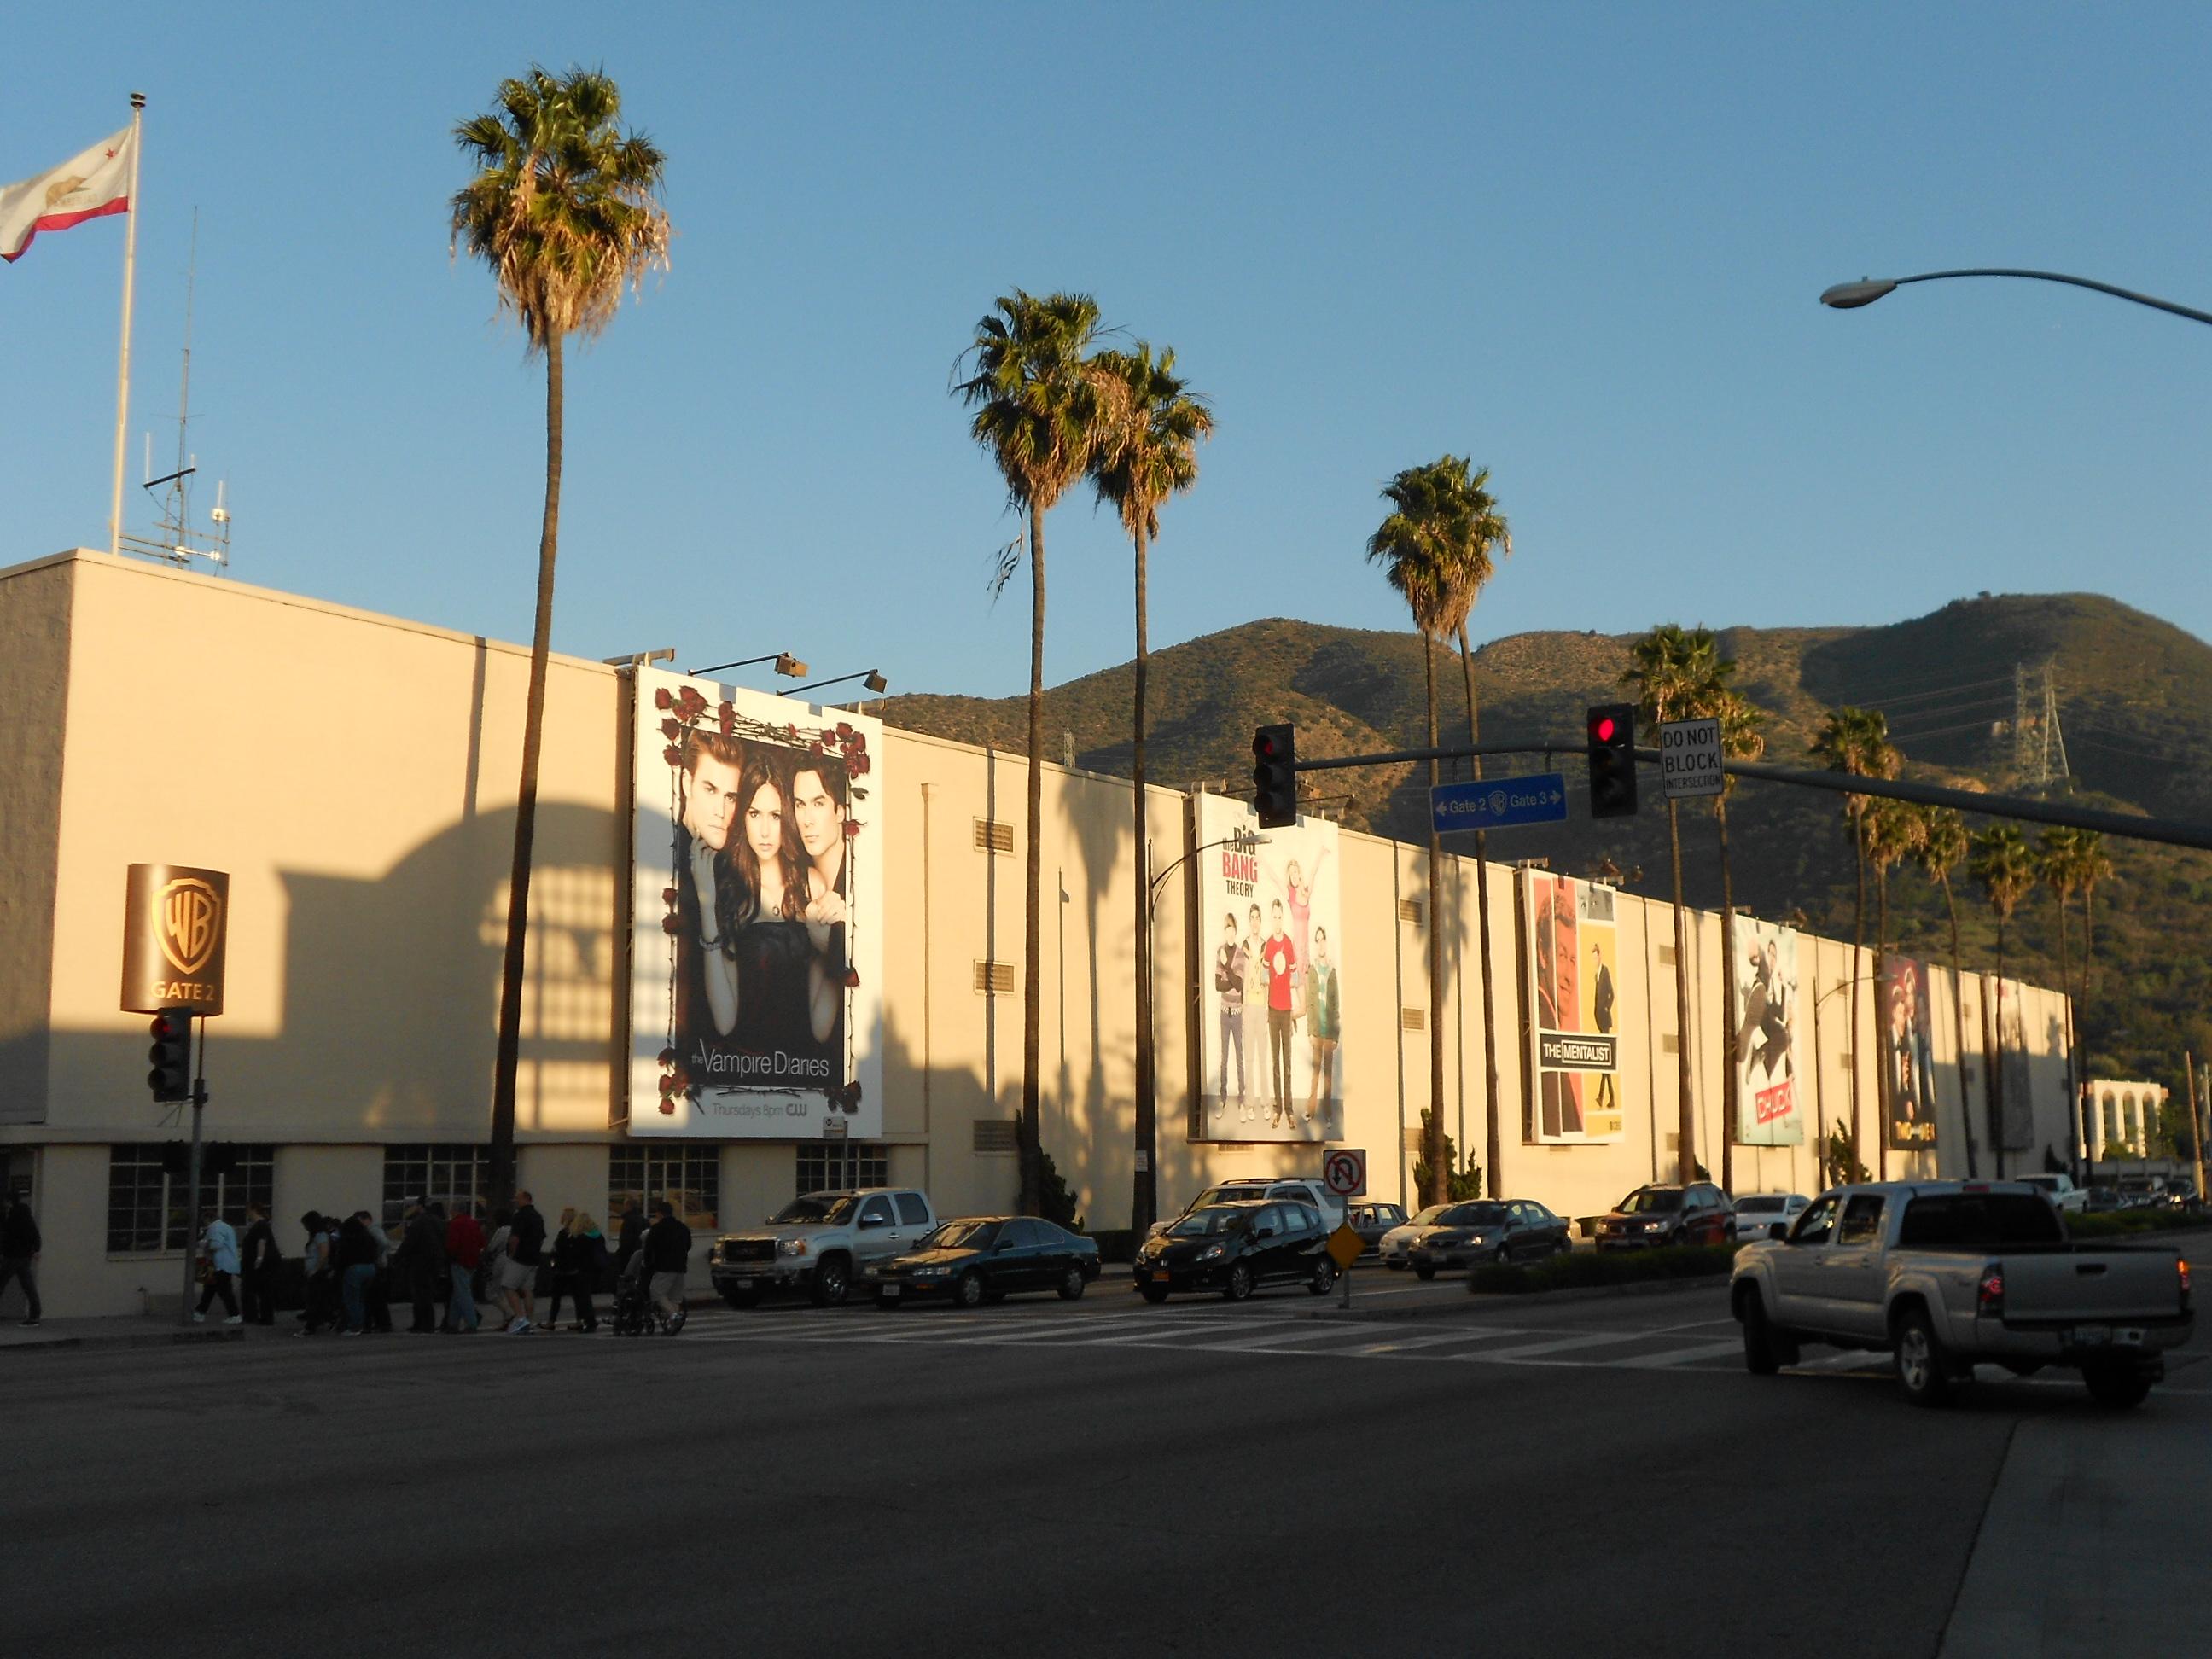 Estúdios da Warner Bros